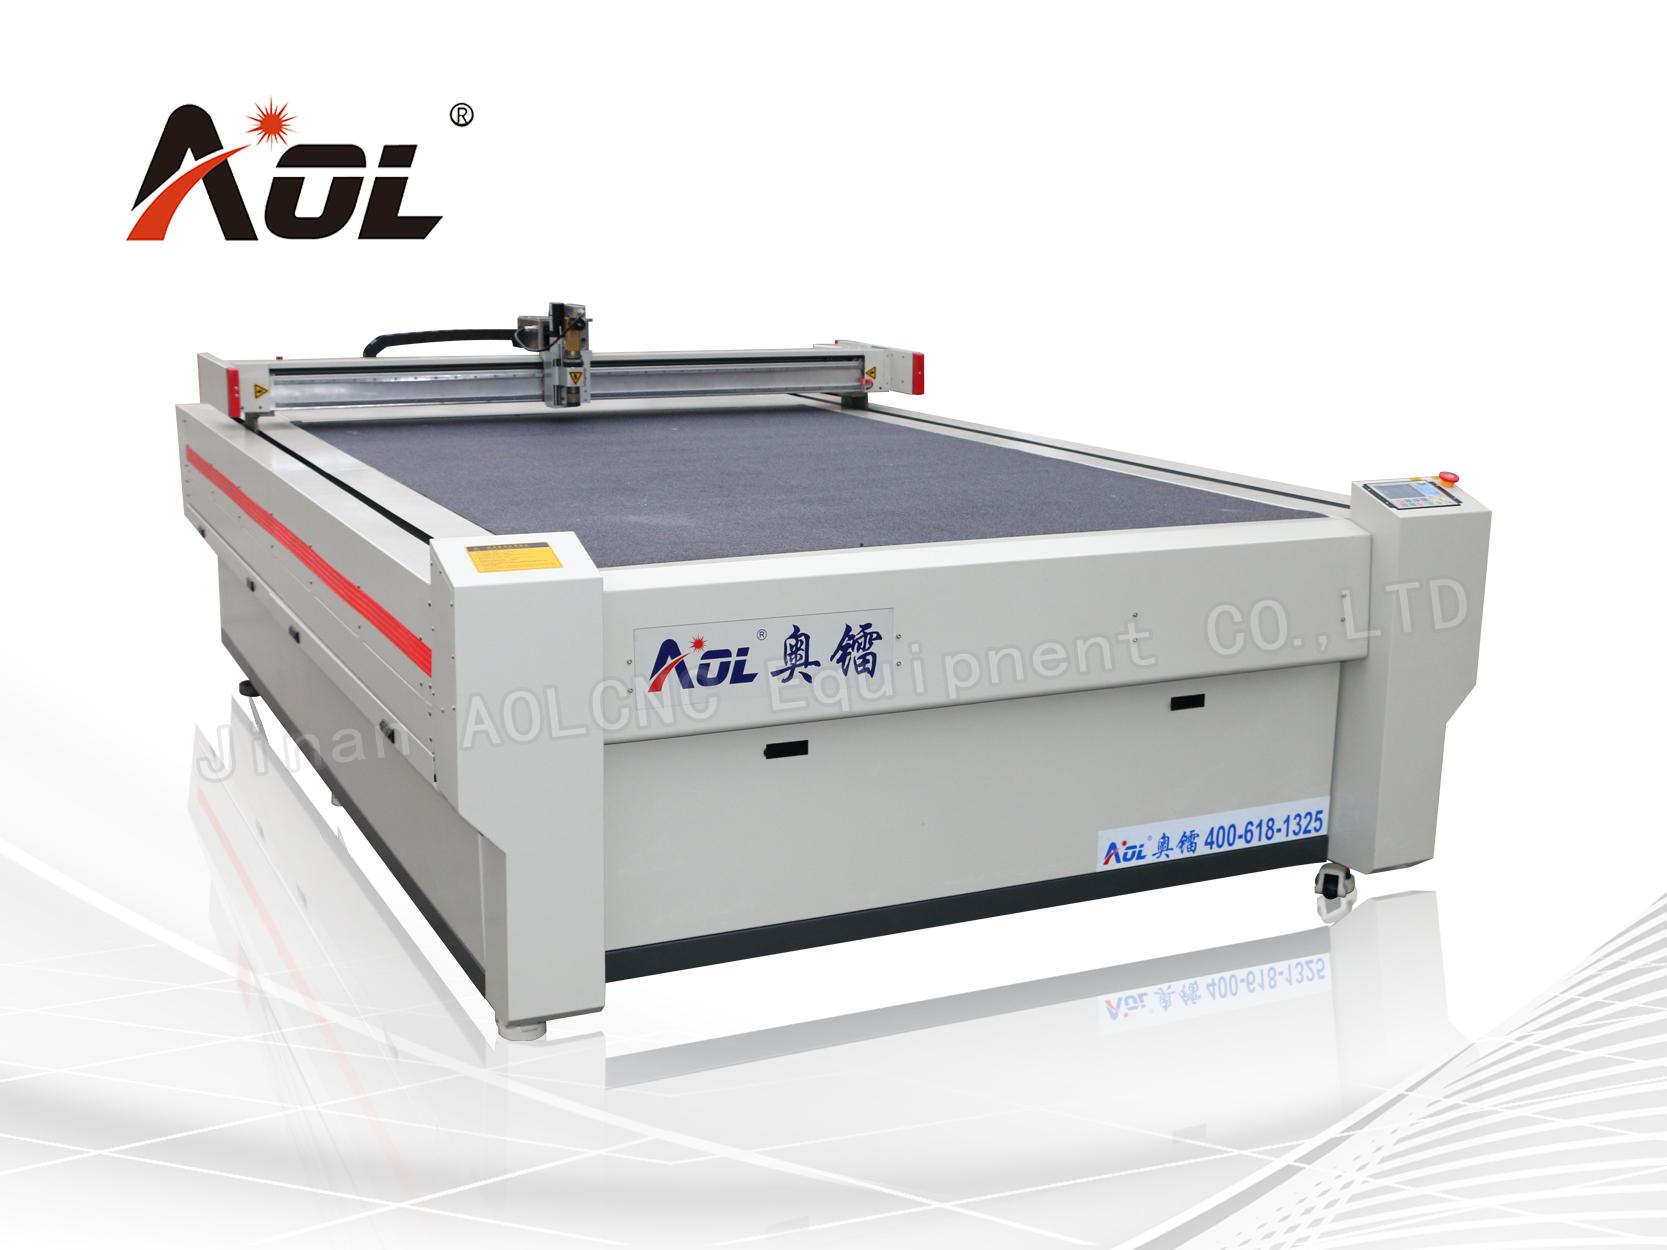 奥镭数控设备2017款振动刀多功能,多用途切割机